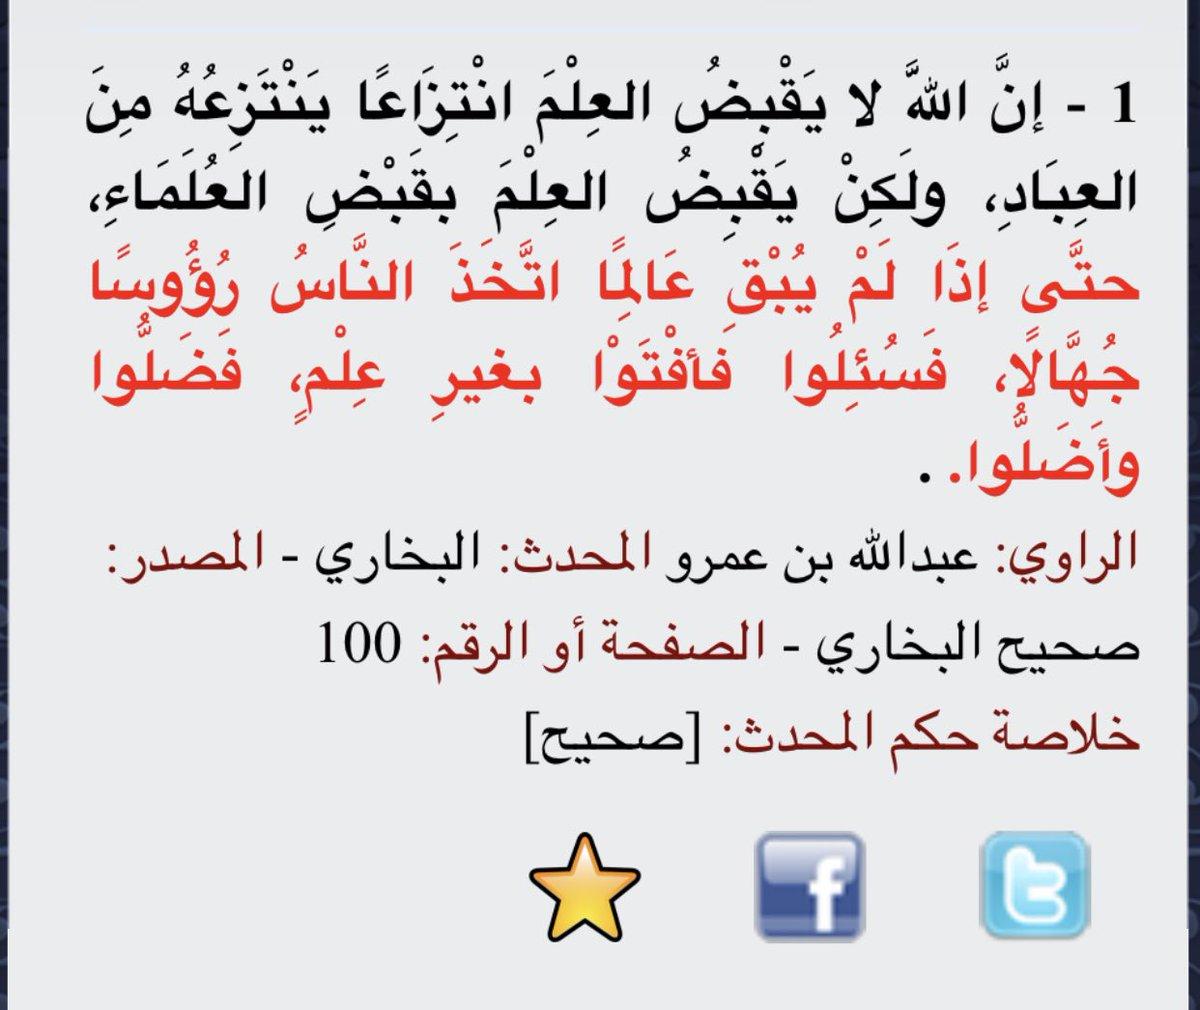 photo_1295371755901431809